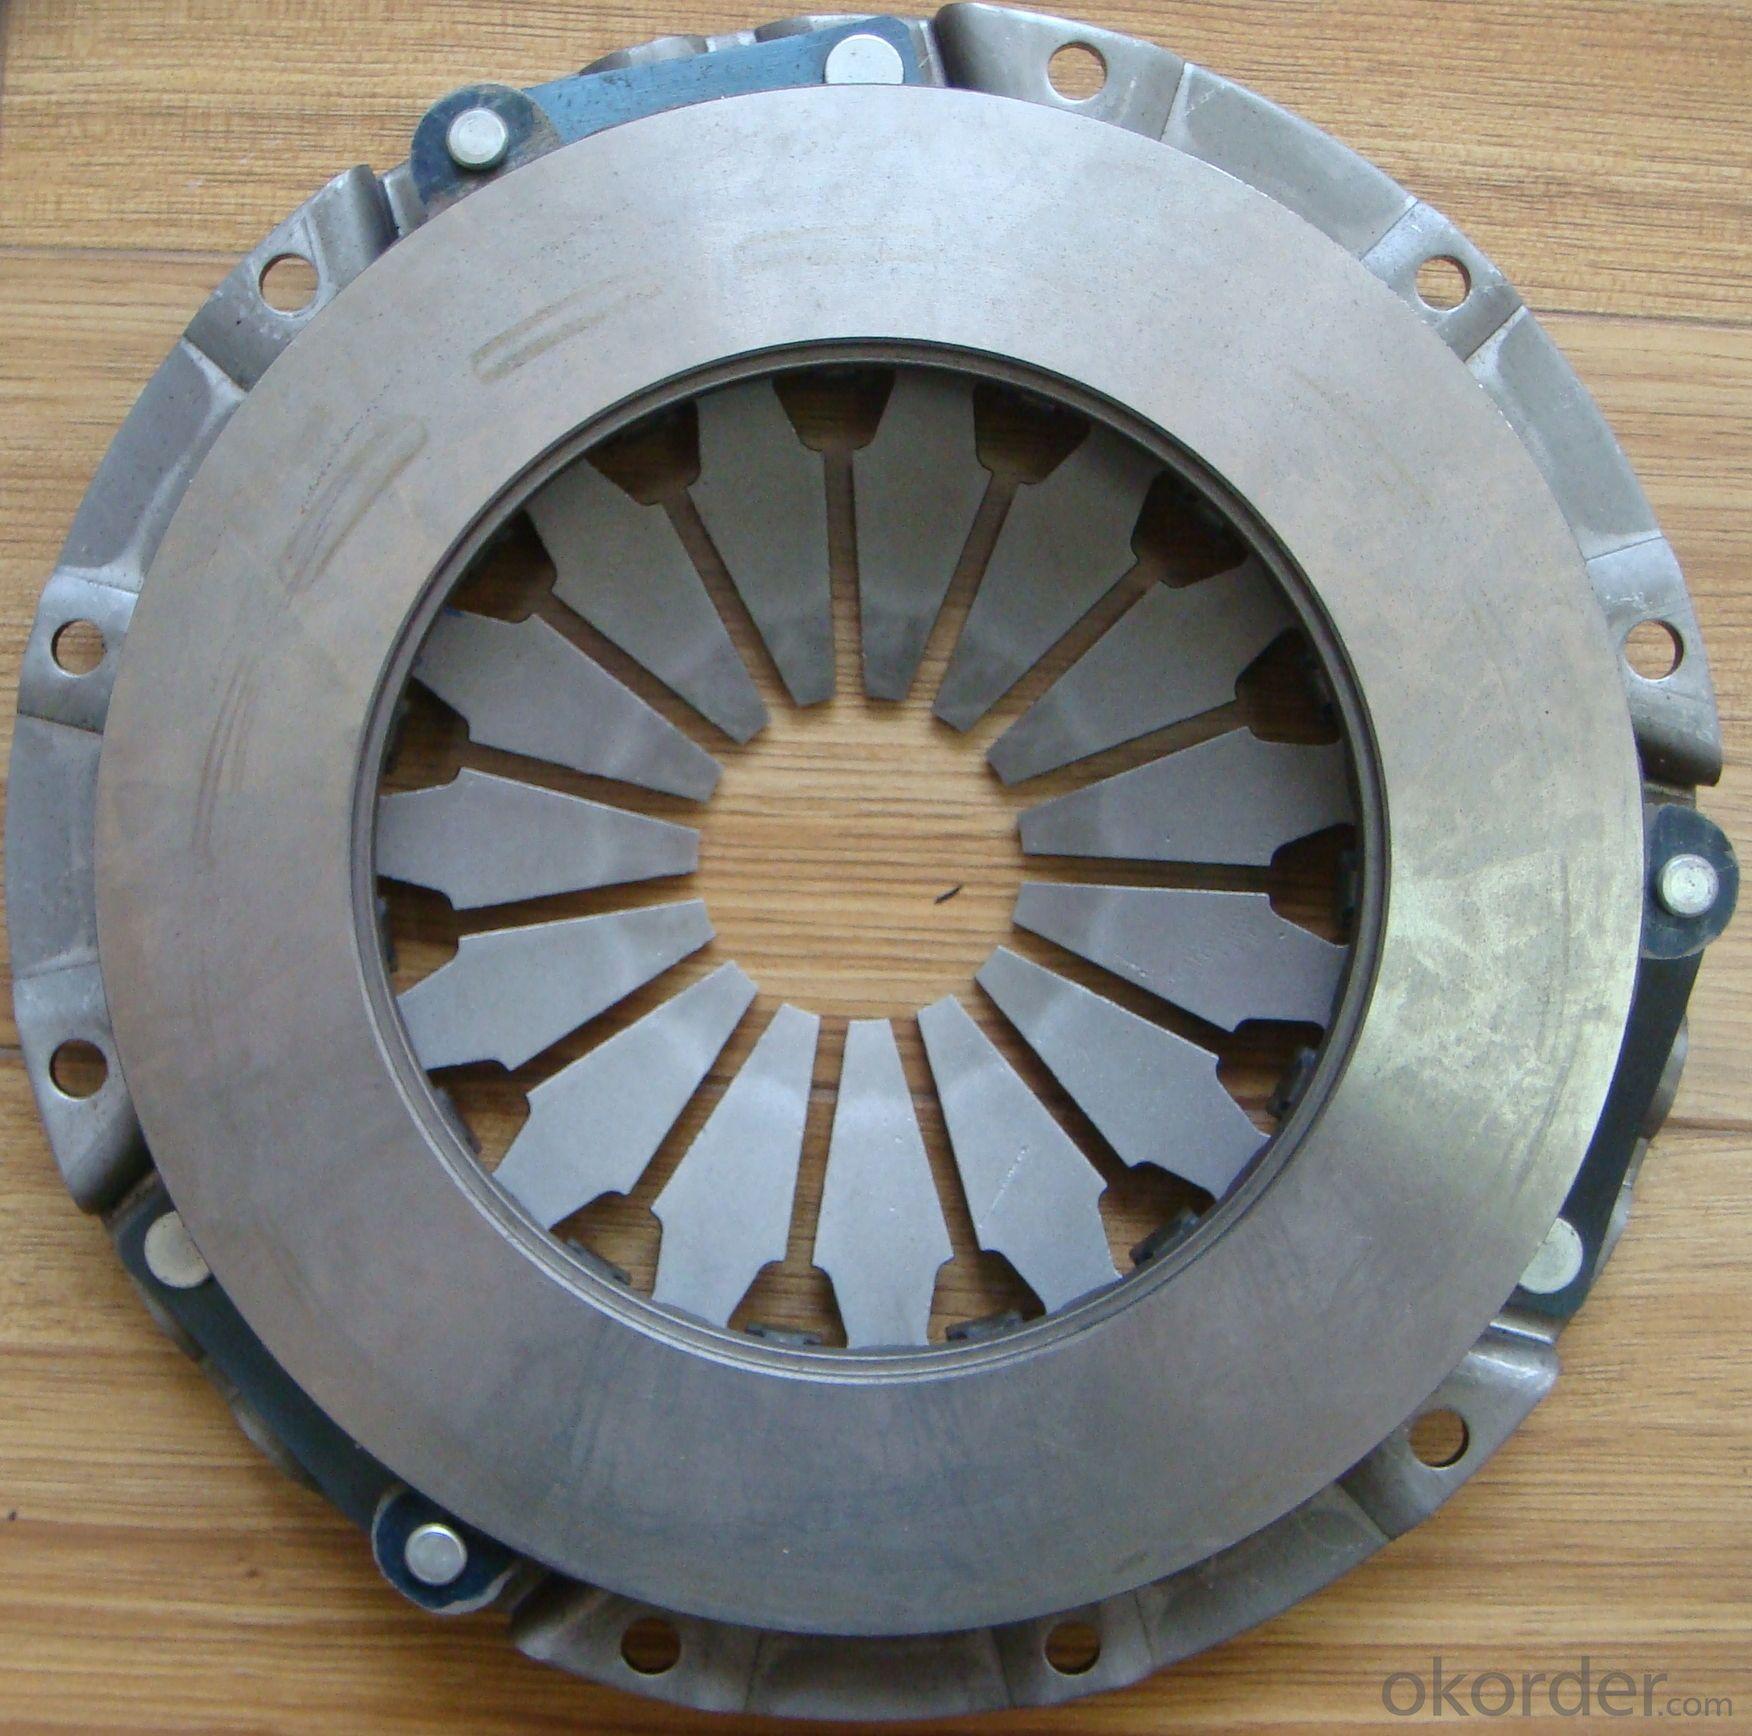 Clutch Disc for BMW 320I325I E30 3023VL600B 1023V2000B INA F208660